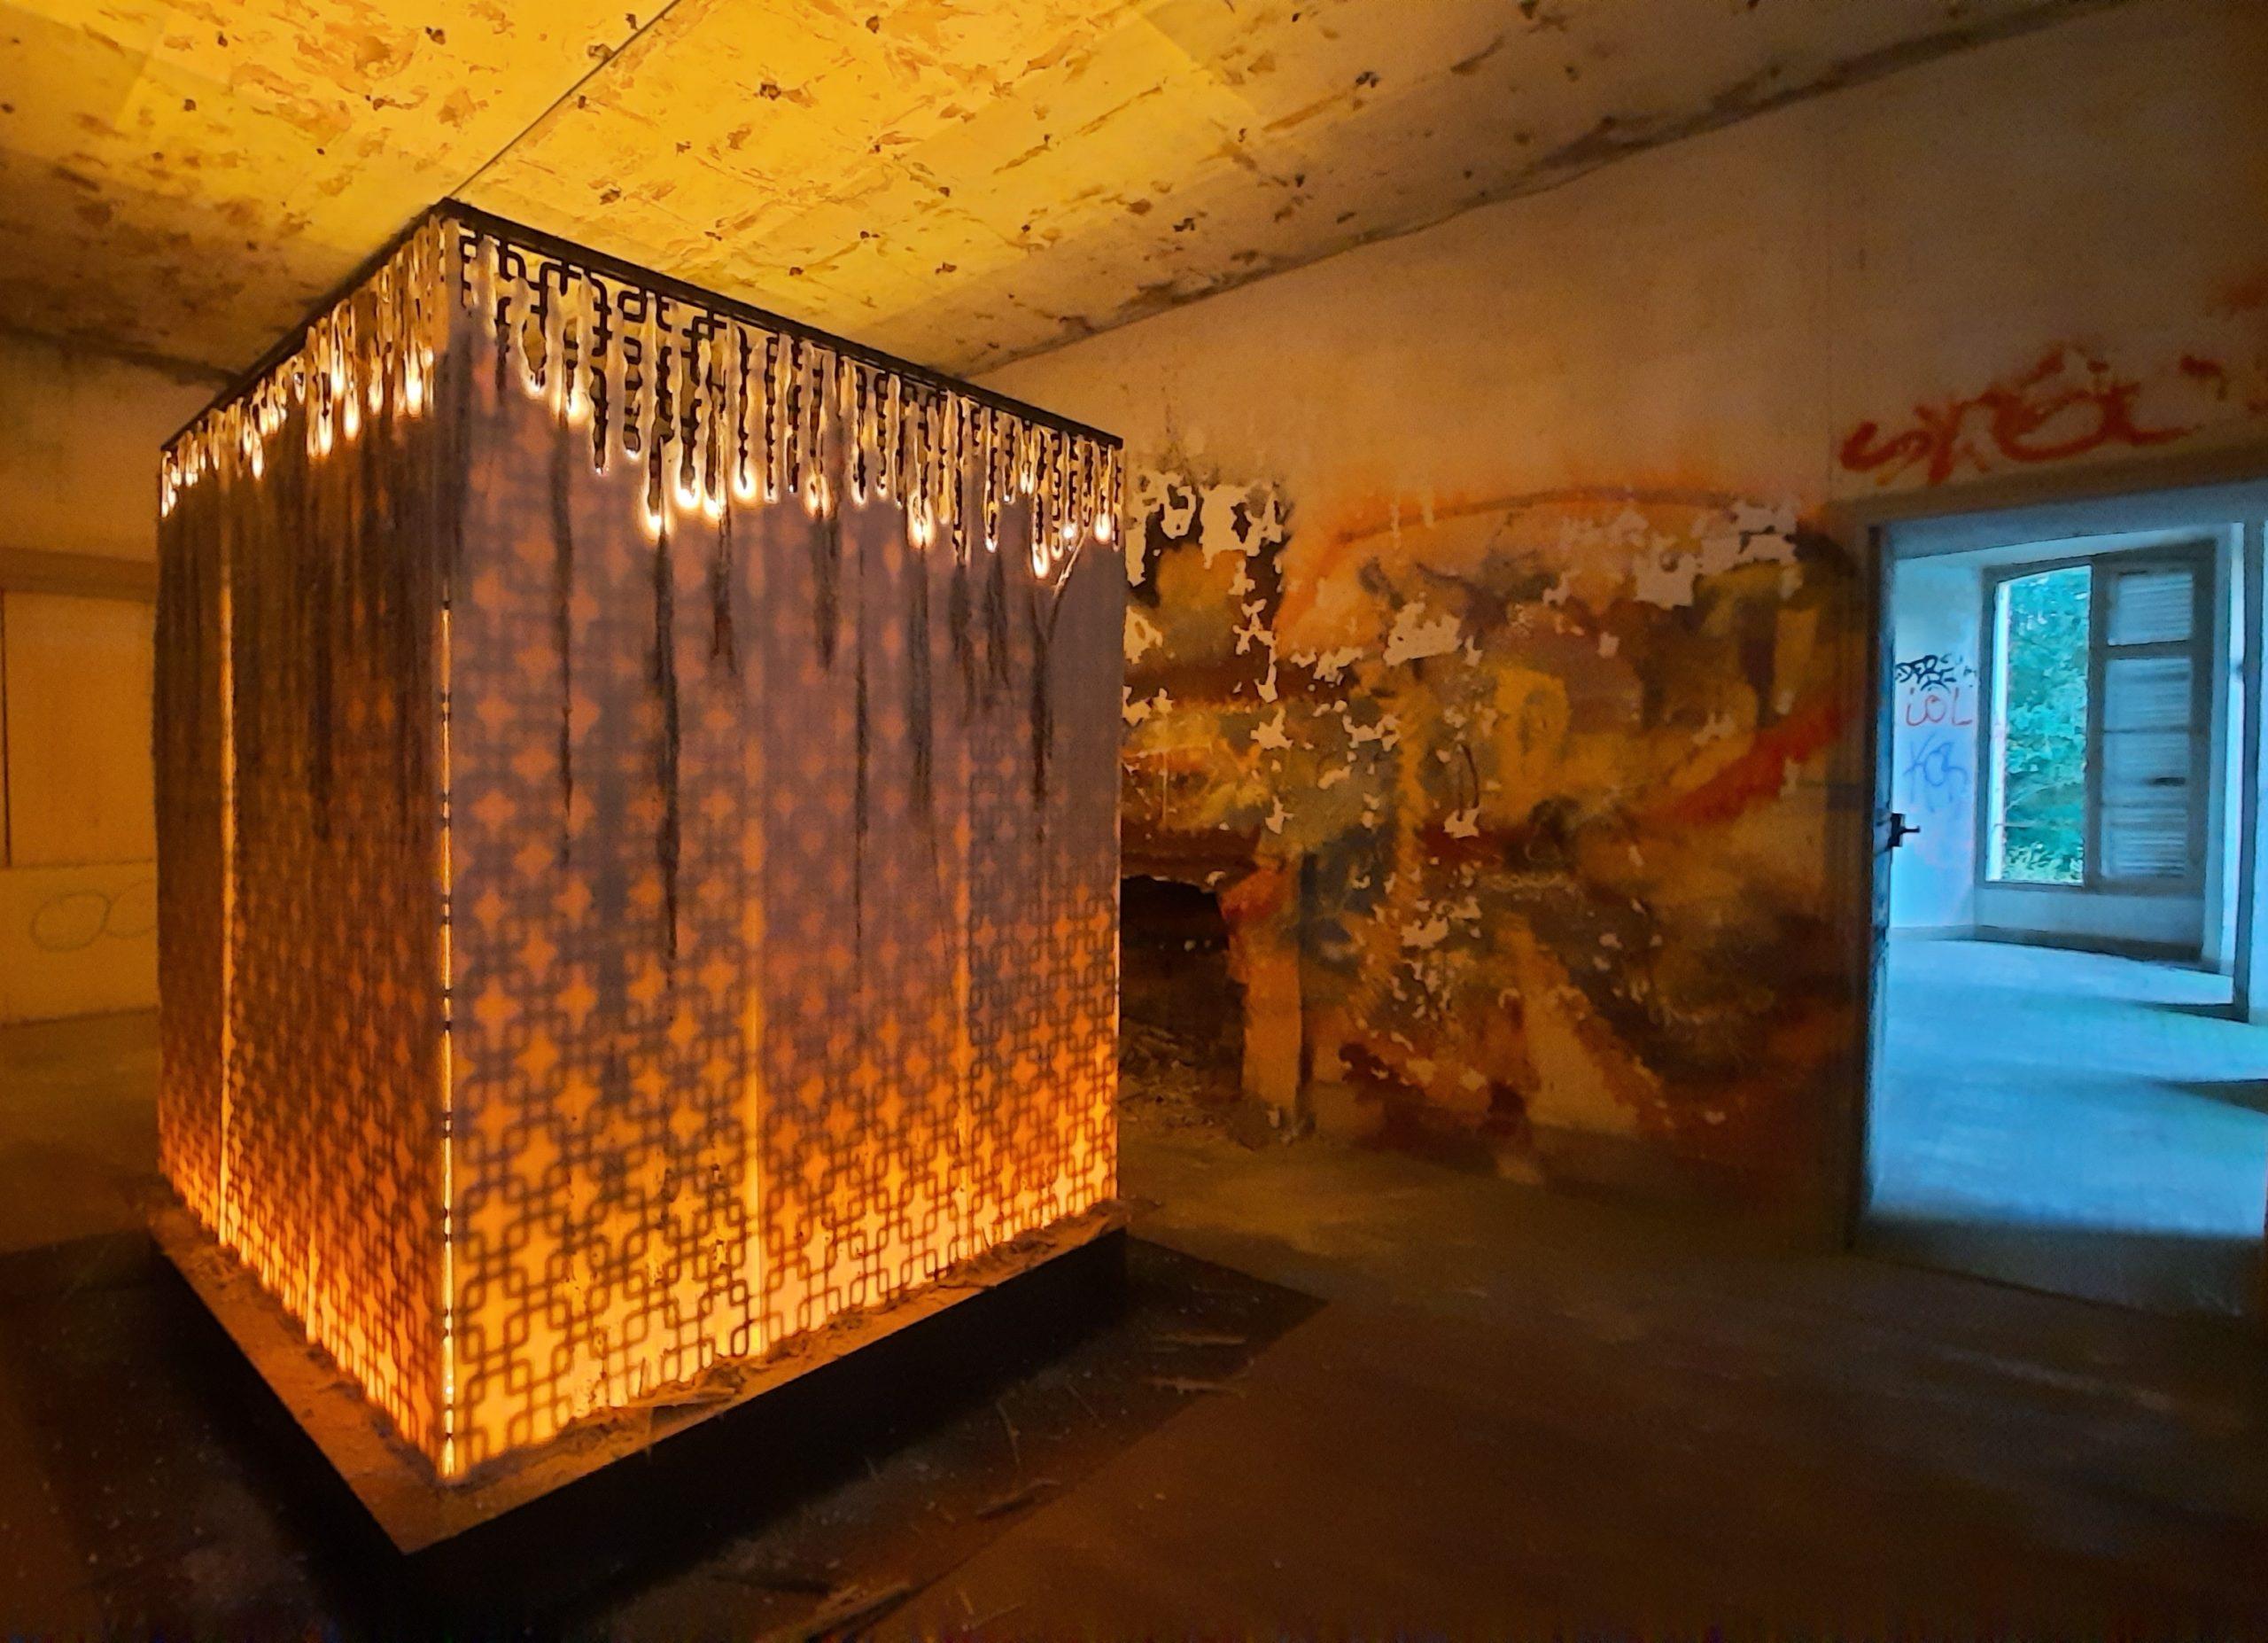 GARDEN PARTY URBEX installation Juliette Minchin 1 credit Valerie Arconati 2020